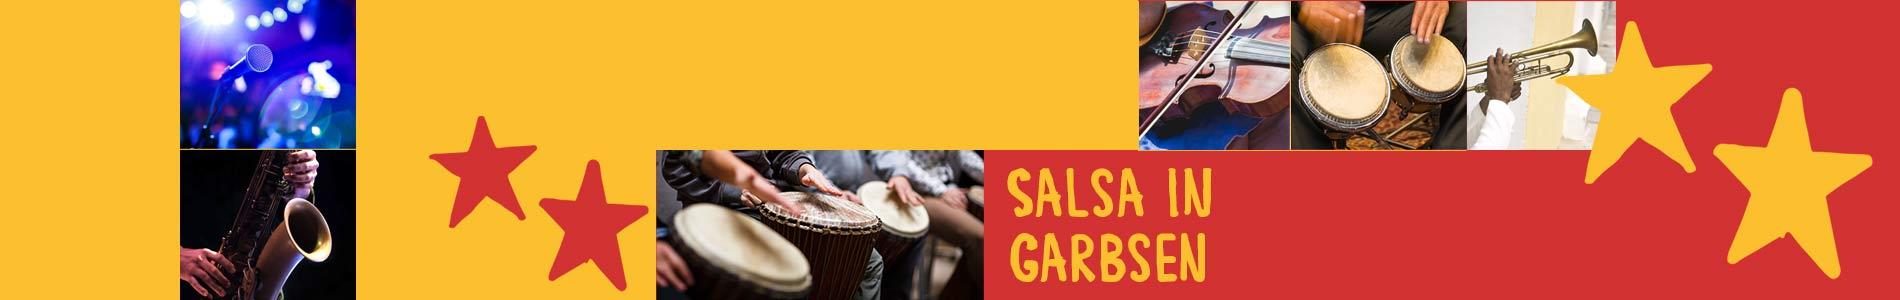 Salsa in Garbsen – Salsa lernen und tanzen, Tanzkurse, Partys, Veranstaltungen